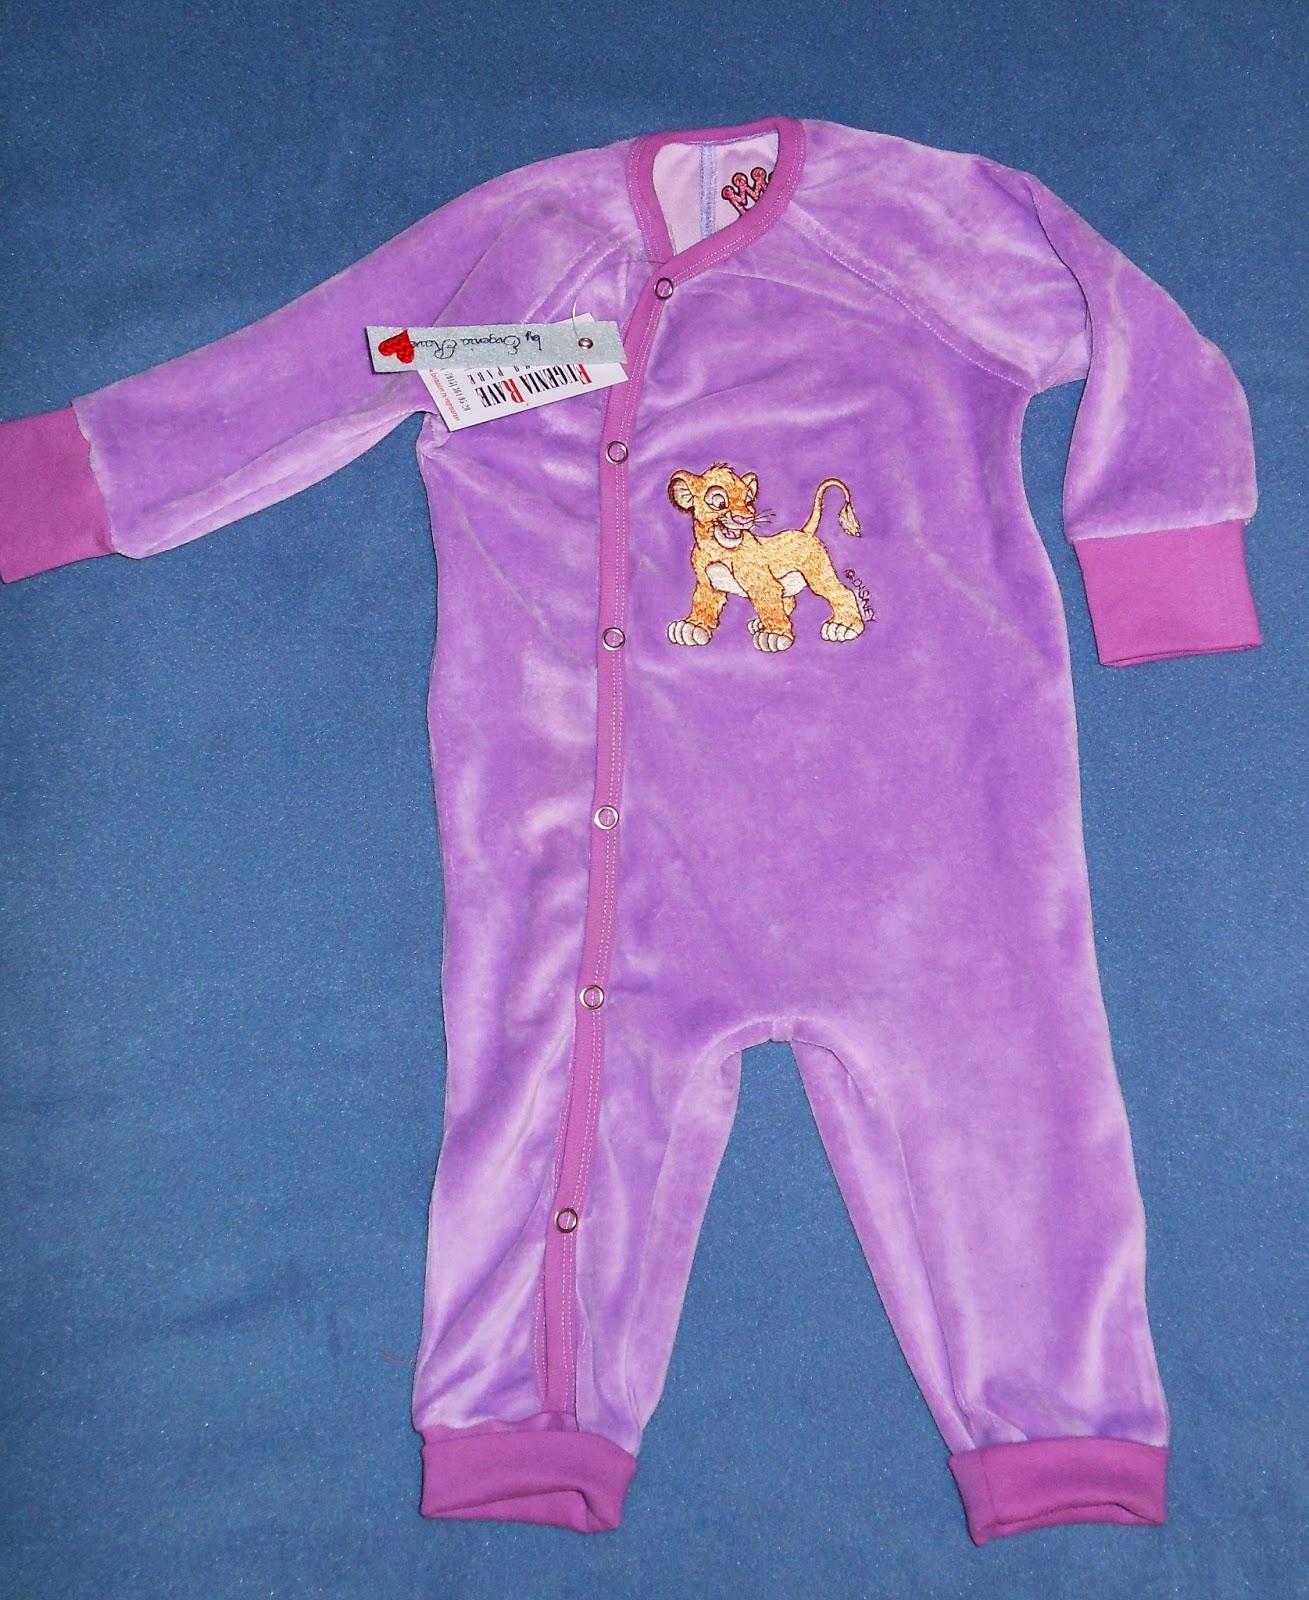 трикотаж для детей, что сшить из трикотажа, велюровый, комбинезон, для малышей, одежда для младенцев